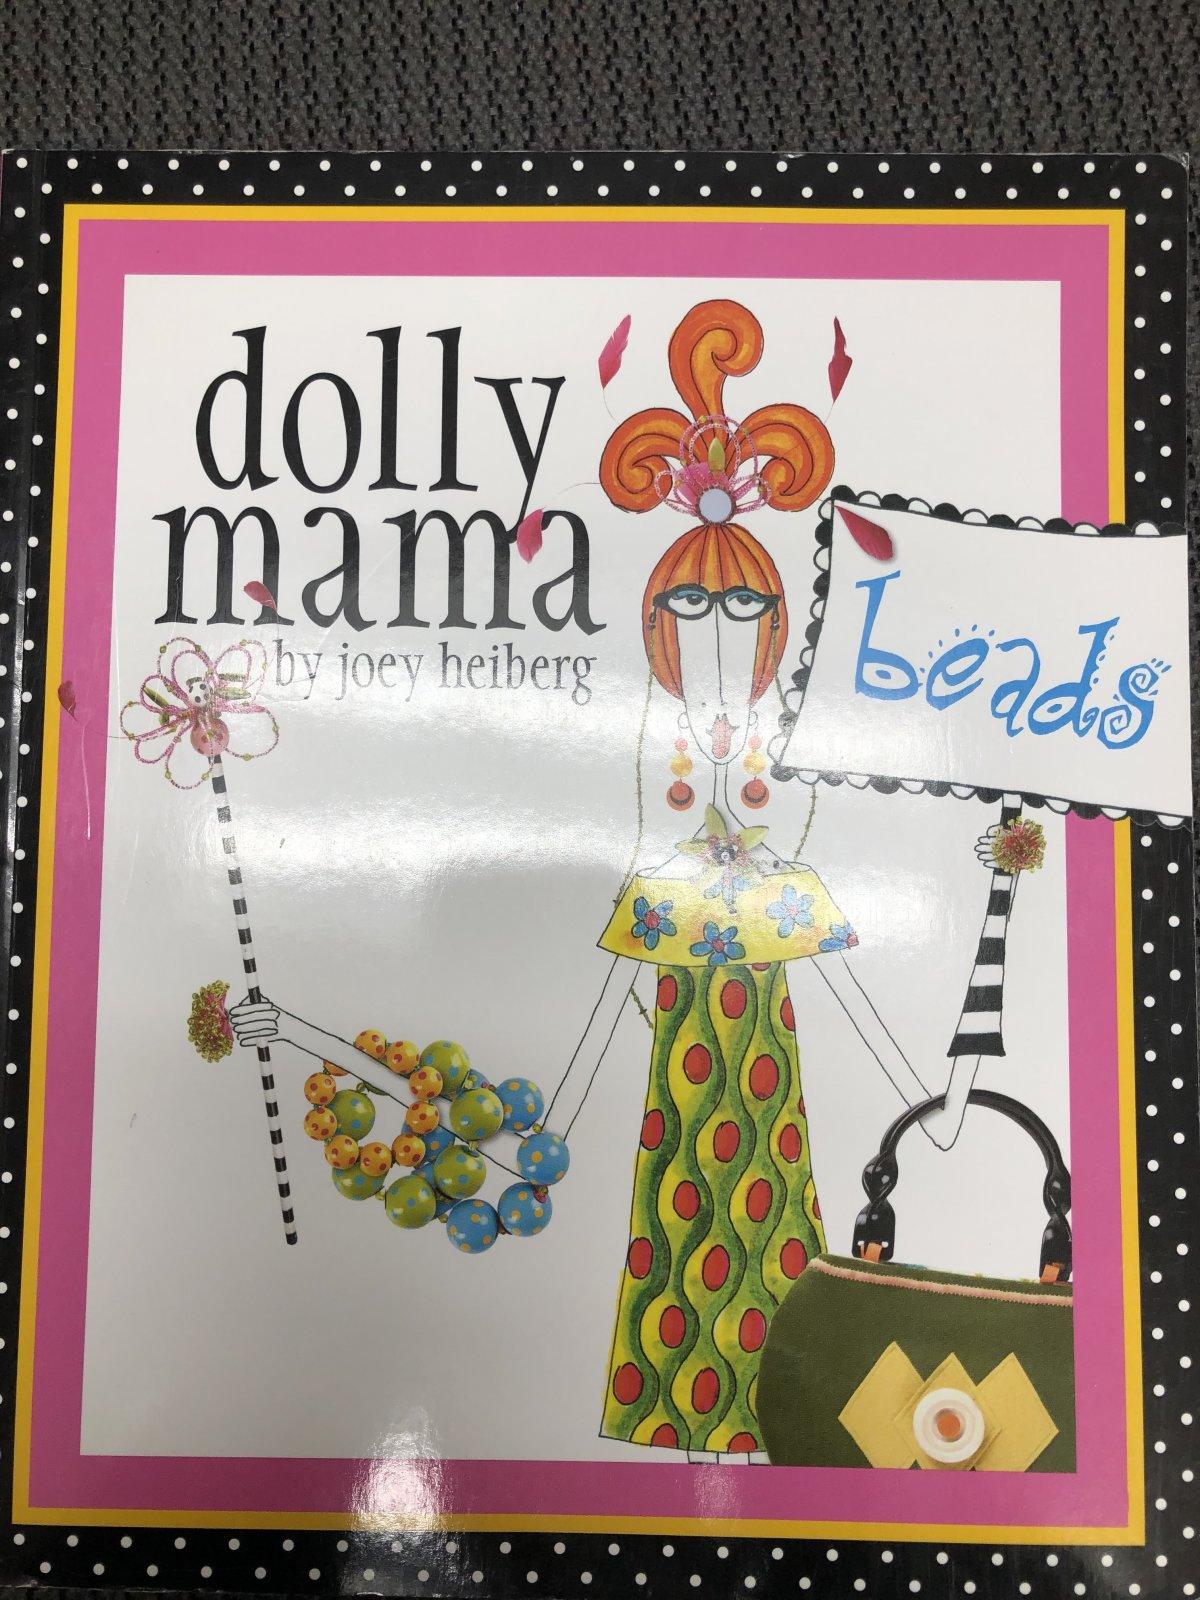 Dolly Mama